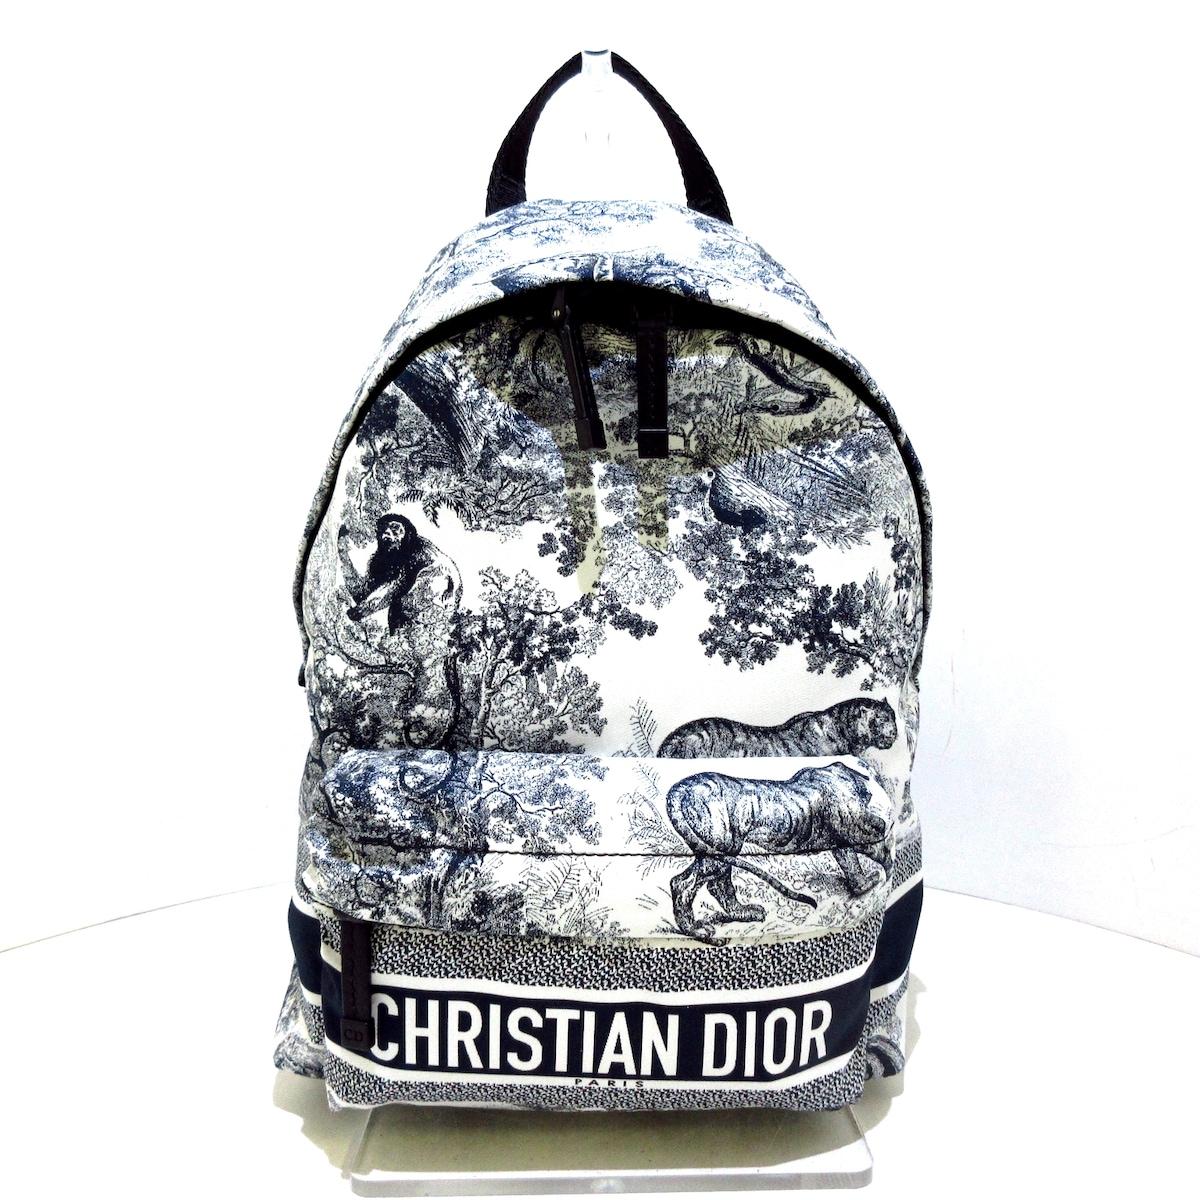 DIOR/ChristianDior(ディオール/クリスチャンディオール)のディオールトラベル スモール バックパック/トワル ドゥ ジュイ